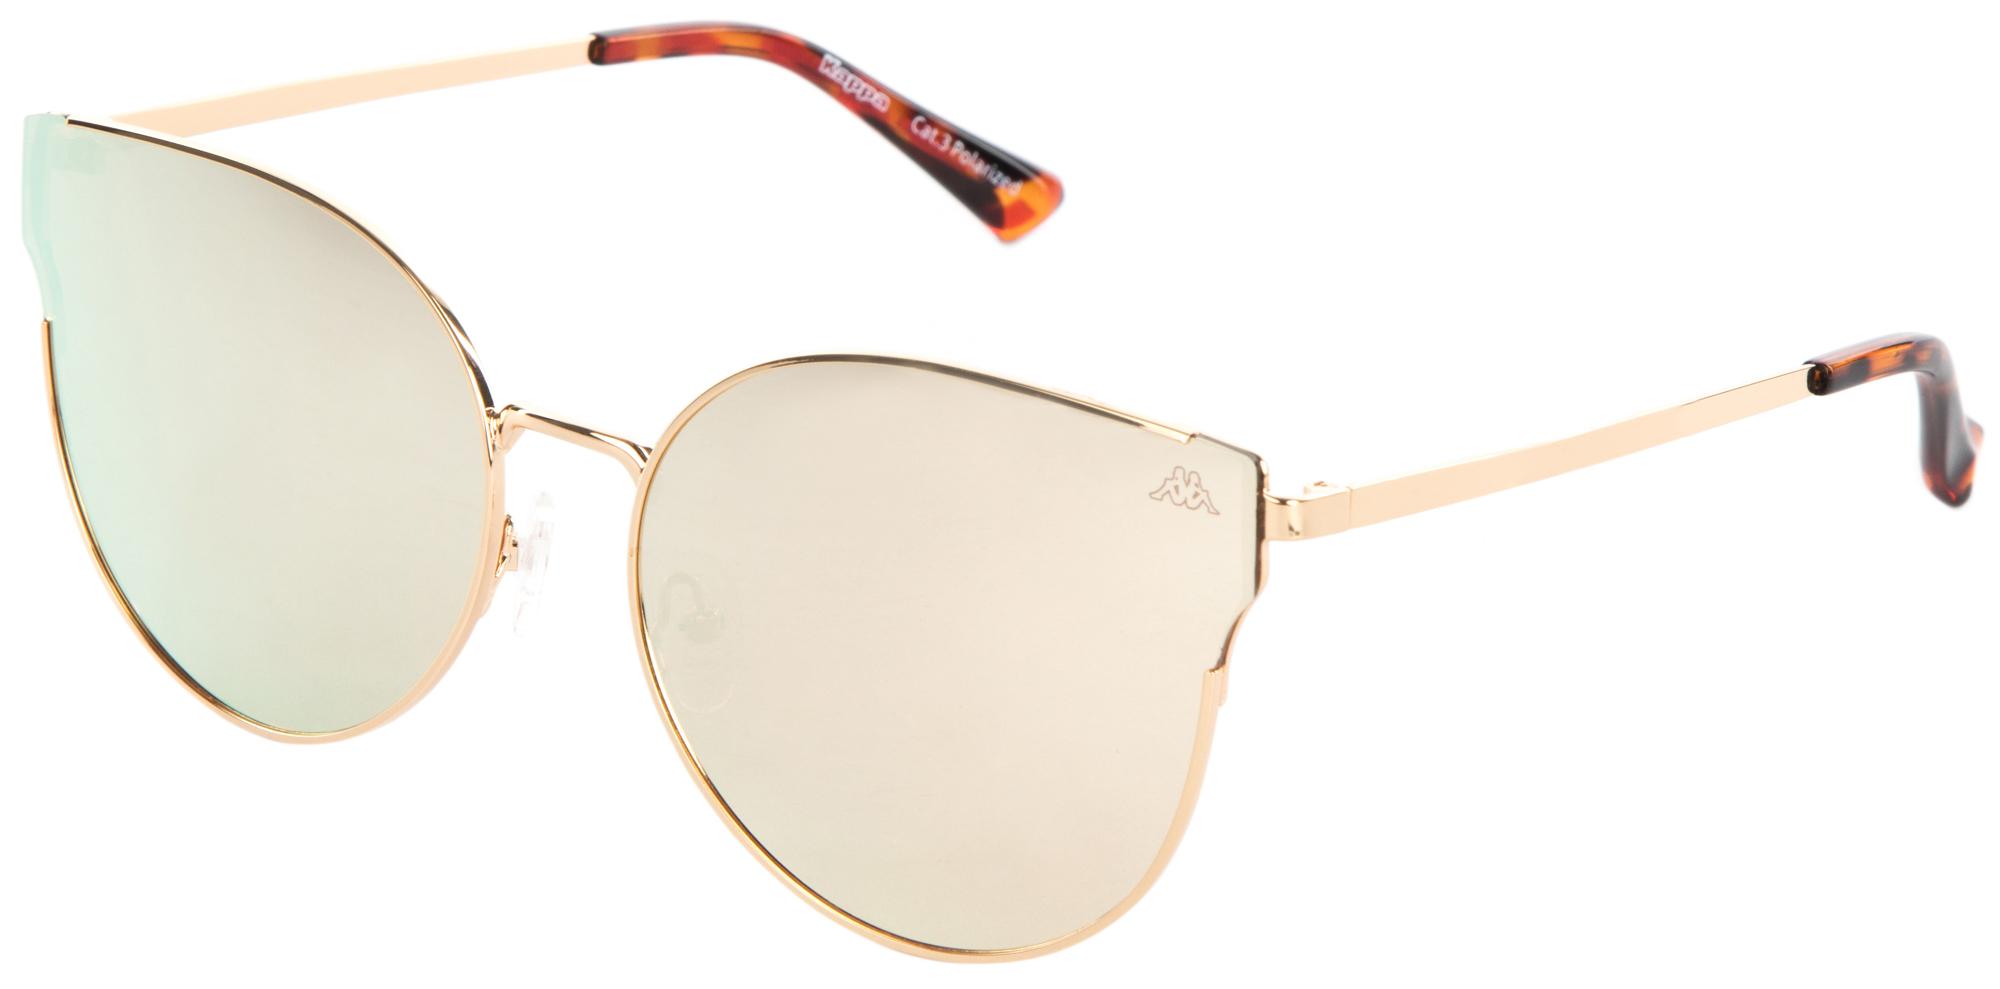 солнцезащитные очки Kappa Очки солнцезащитные Kappa